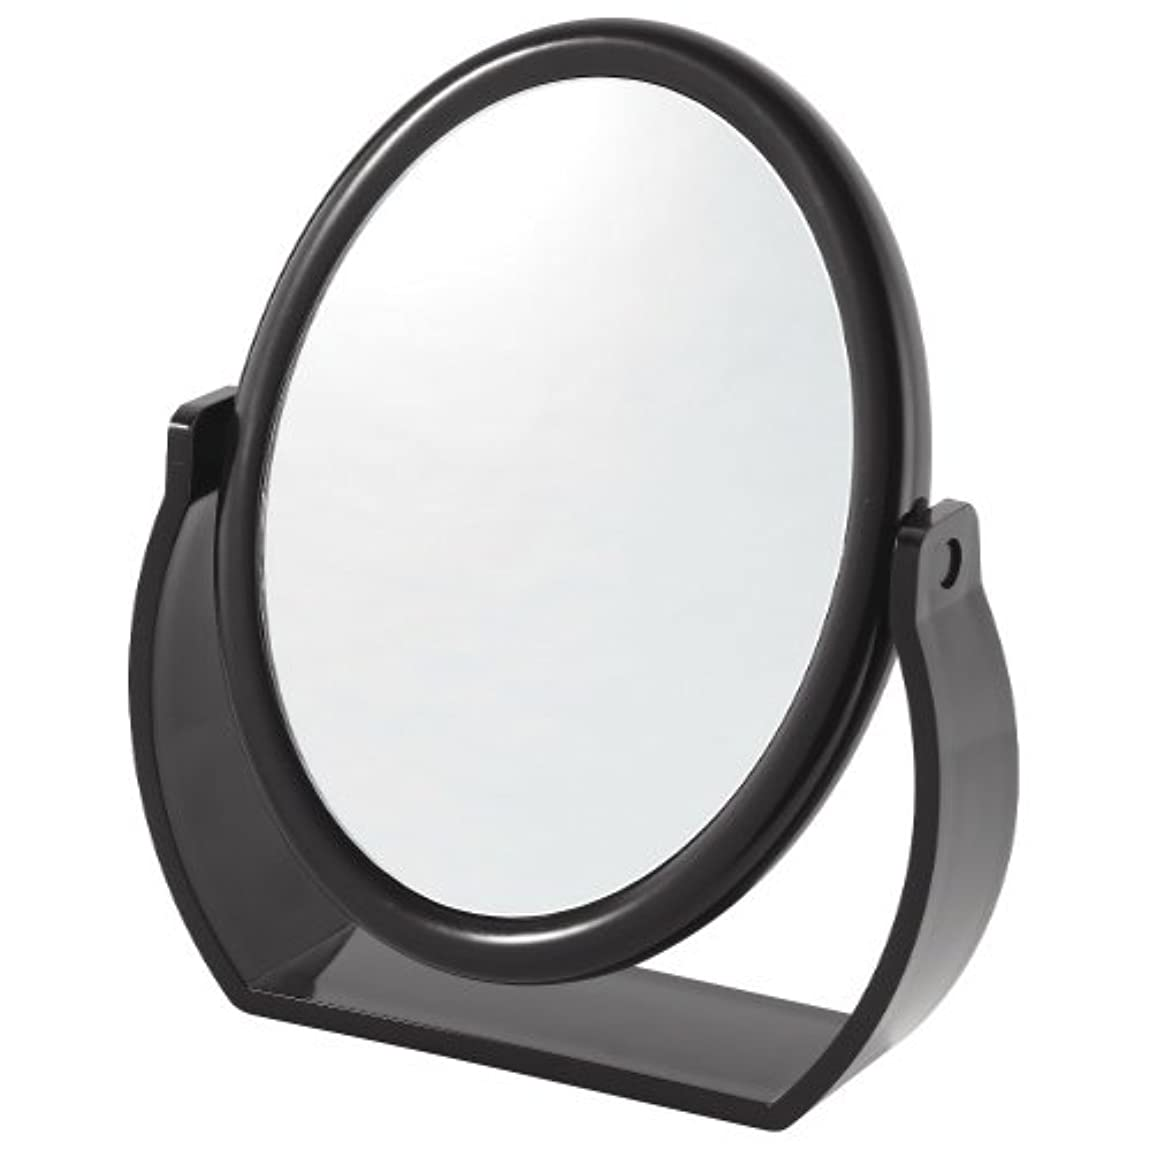 倍増気になるリスキーな拡大鏡付スタンドミラー(約5倍)黒